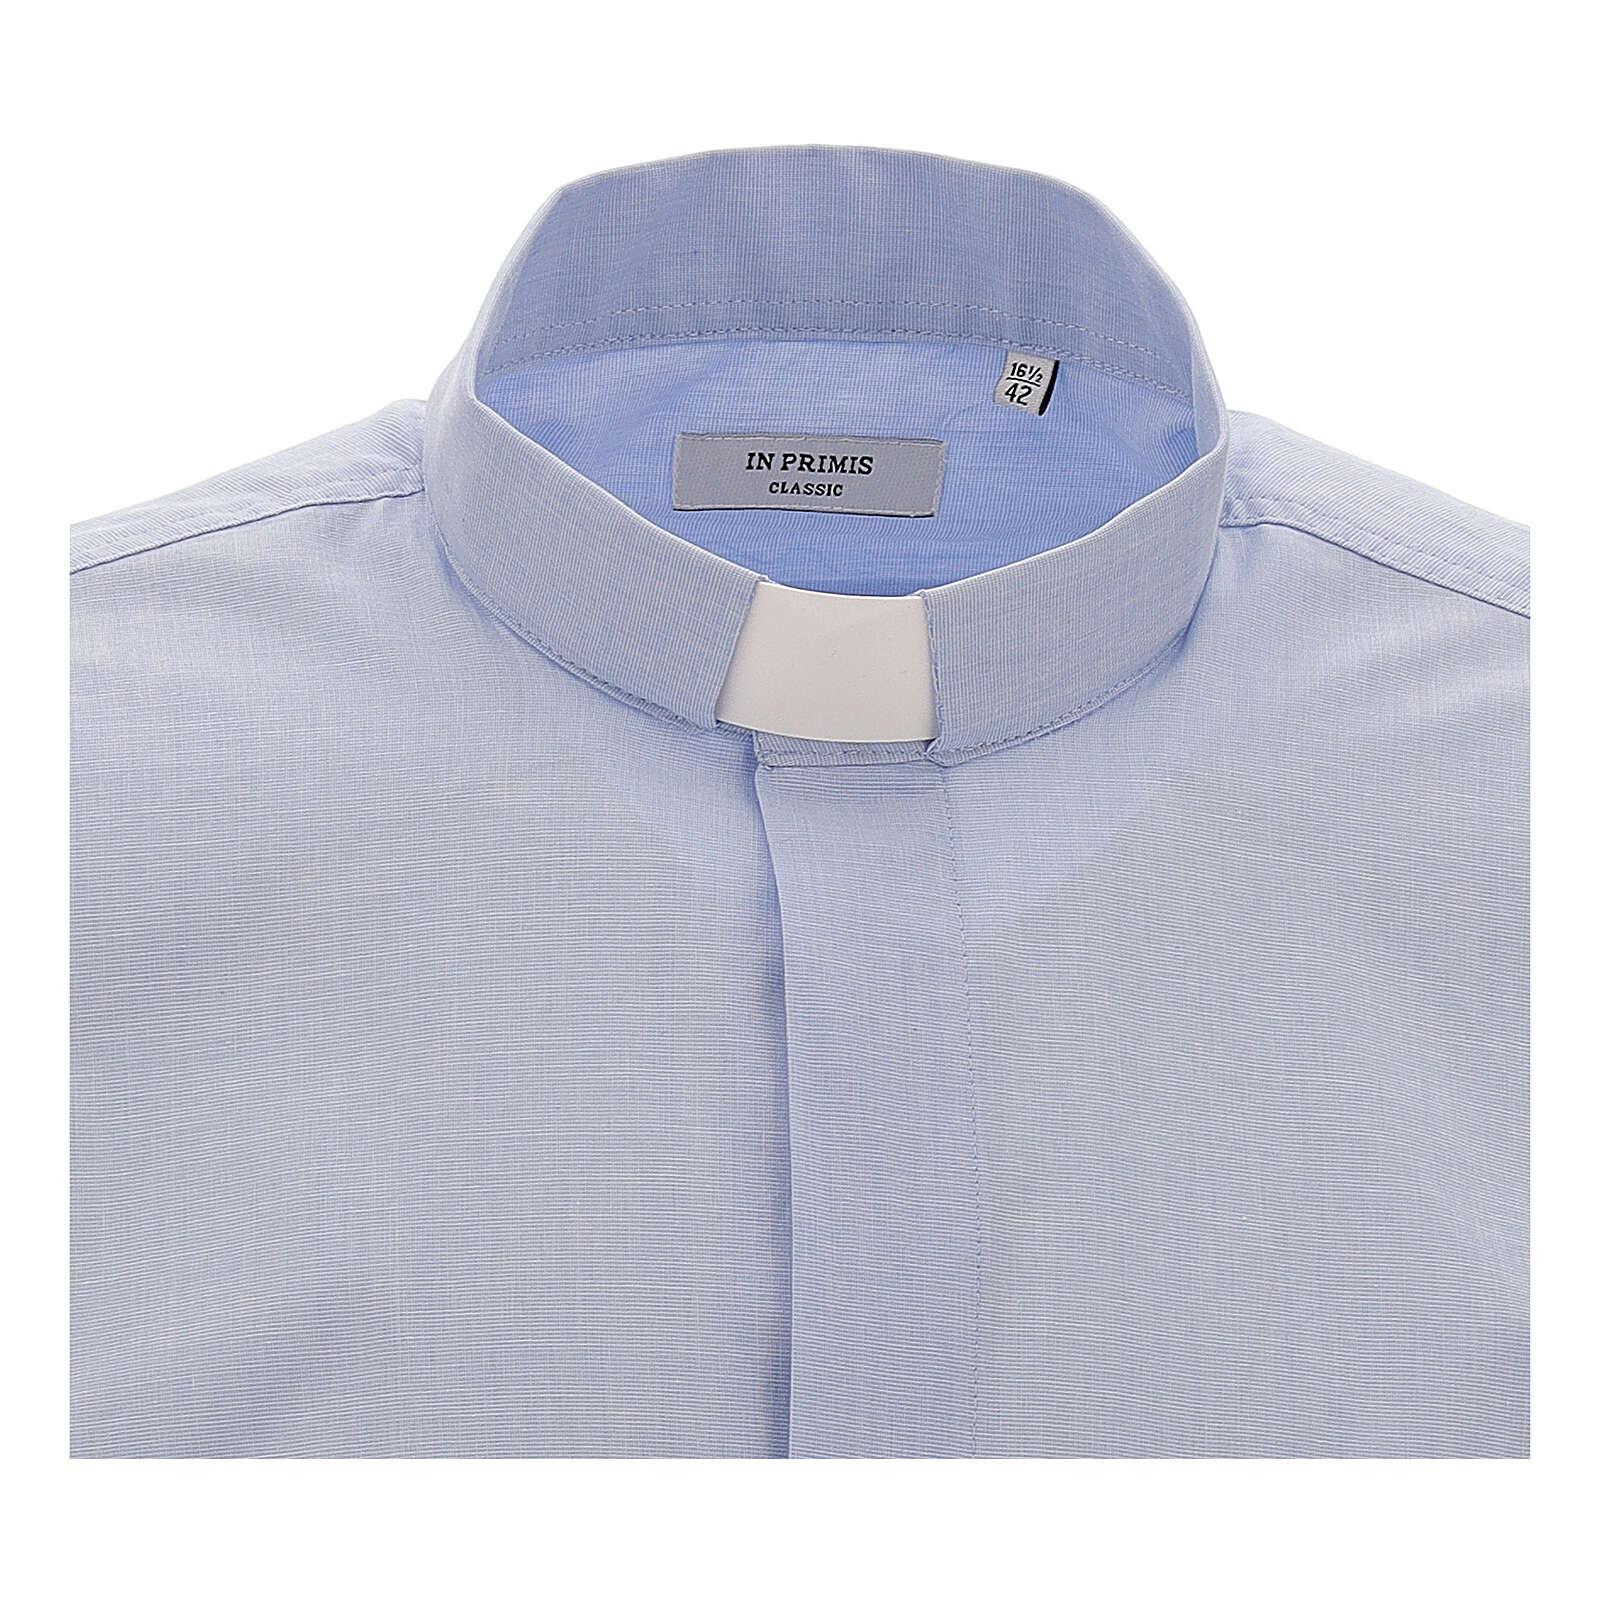 Koszula kapłańska fil a fil błękitna długi rękaw 4